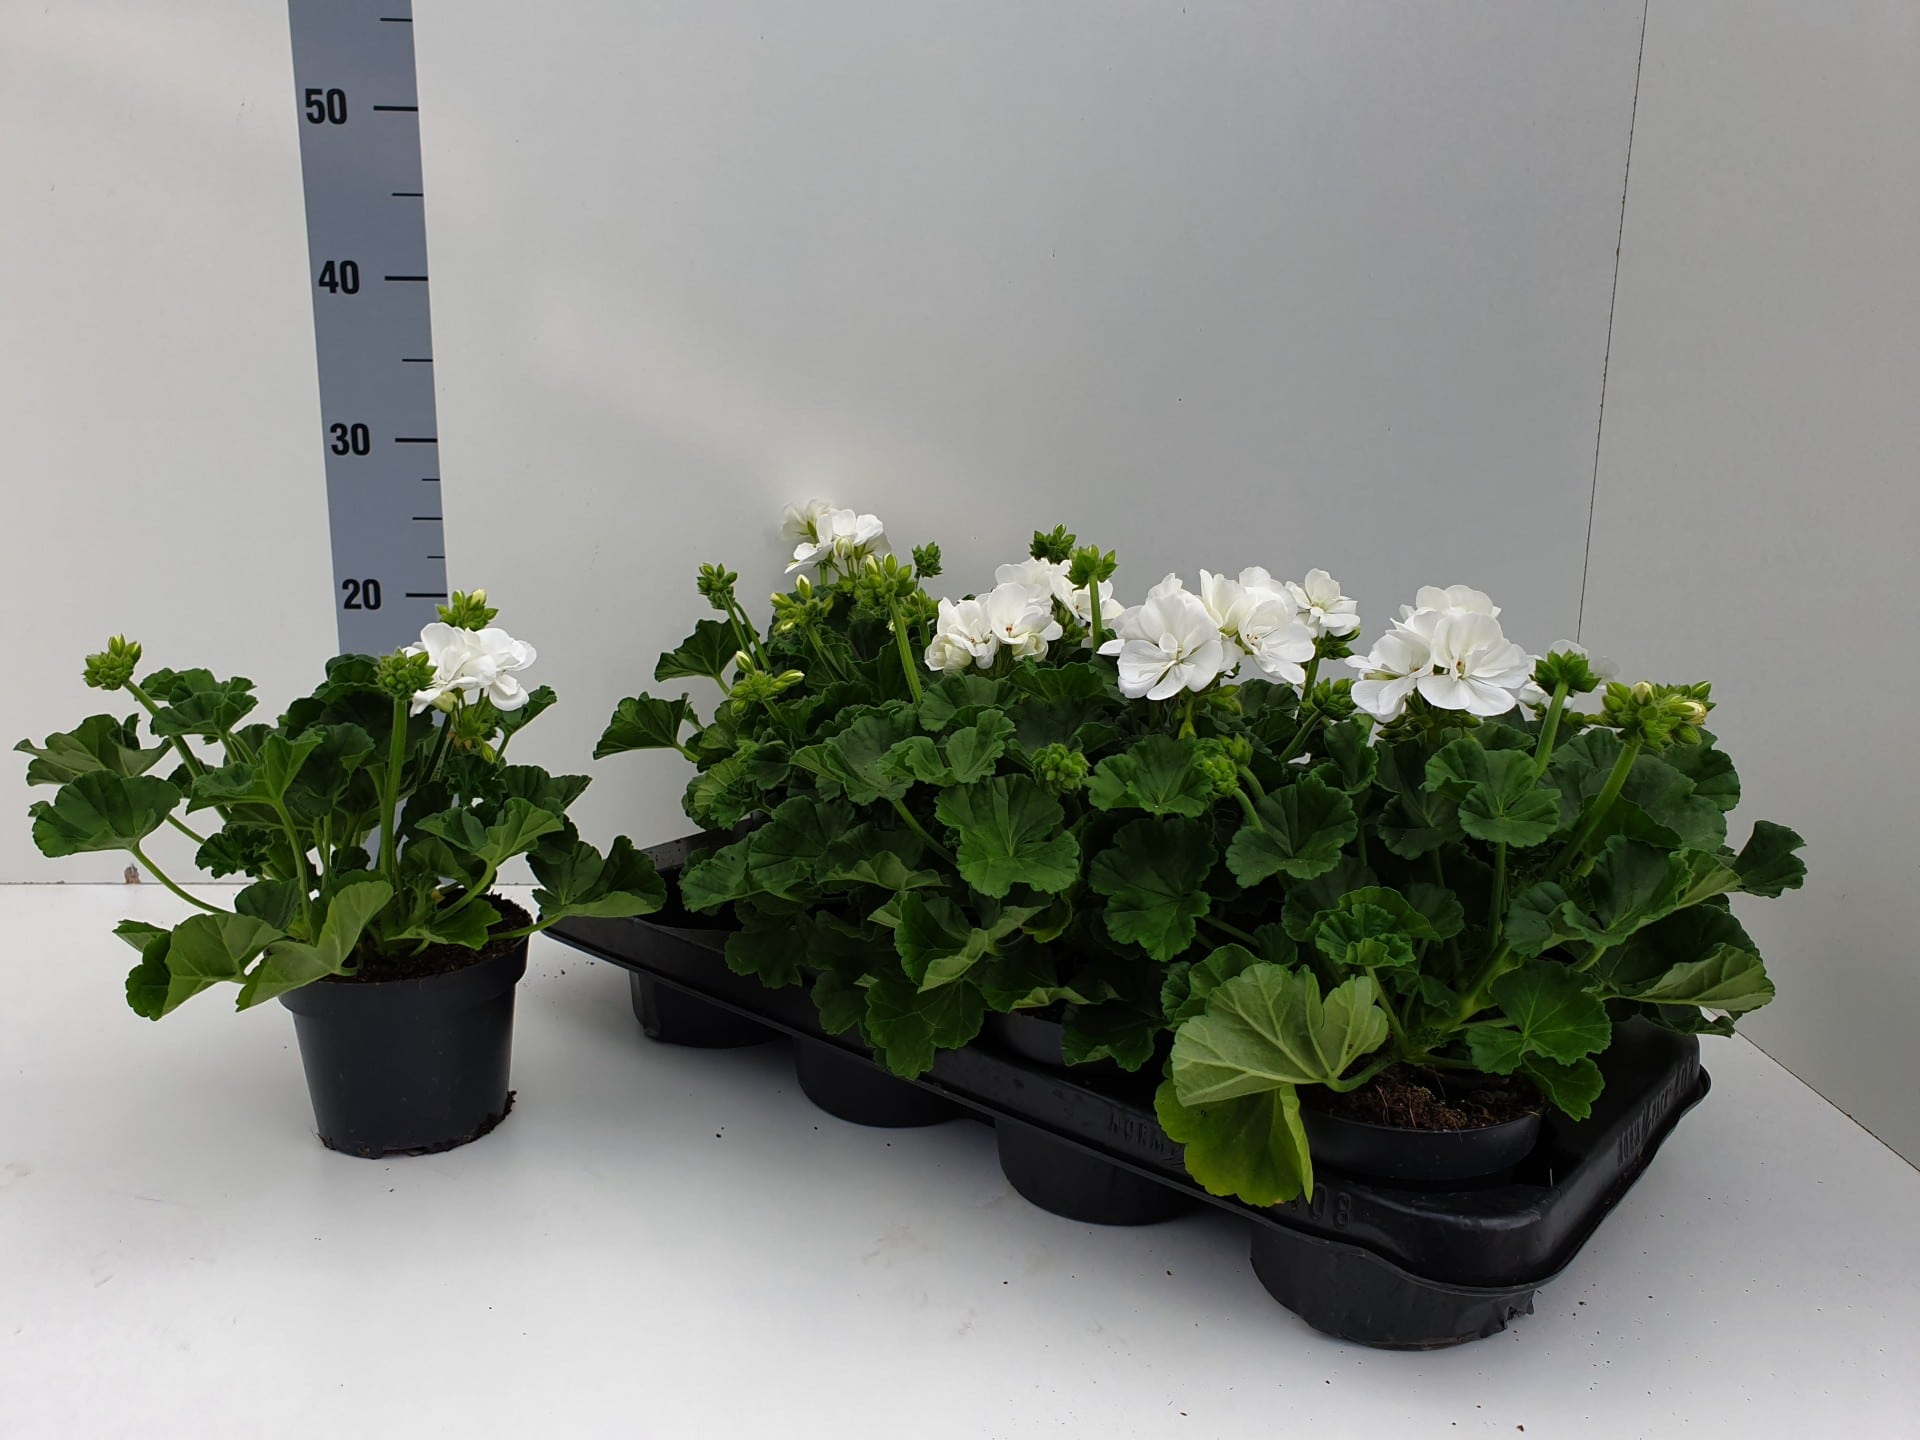 Staande geranium pelargonium Zonale